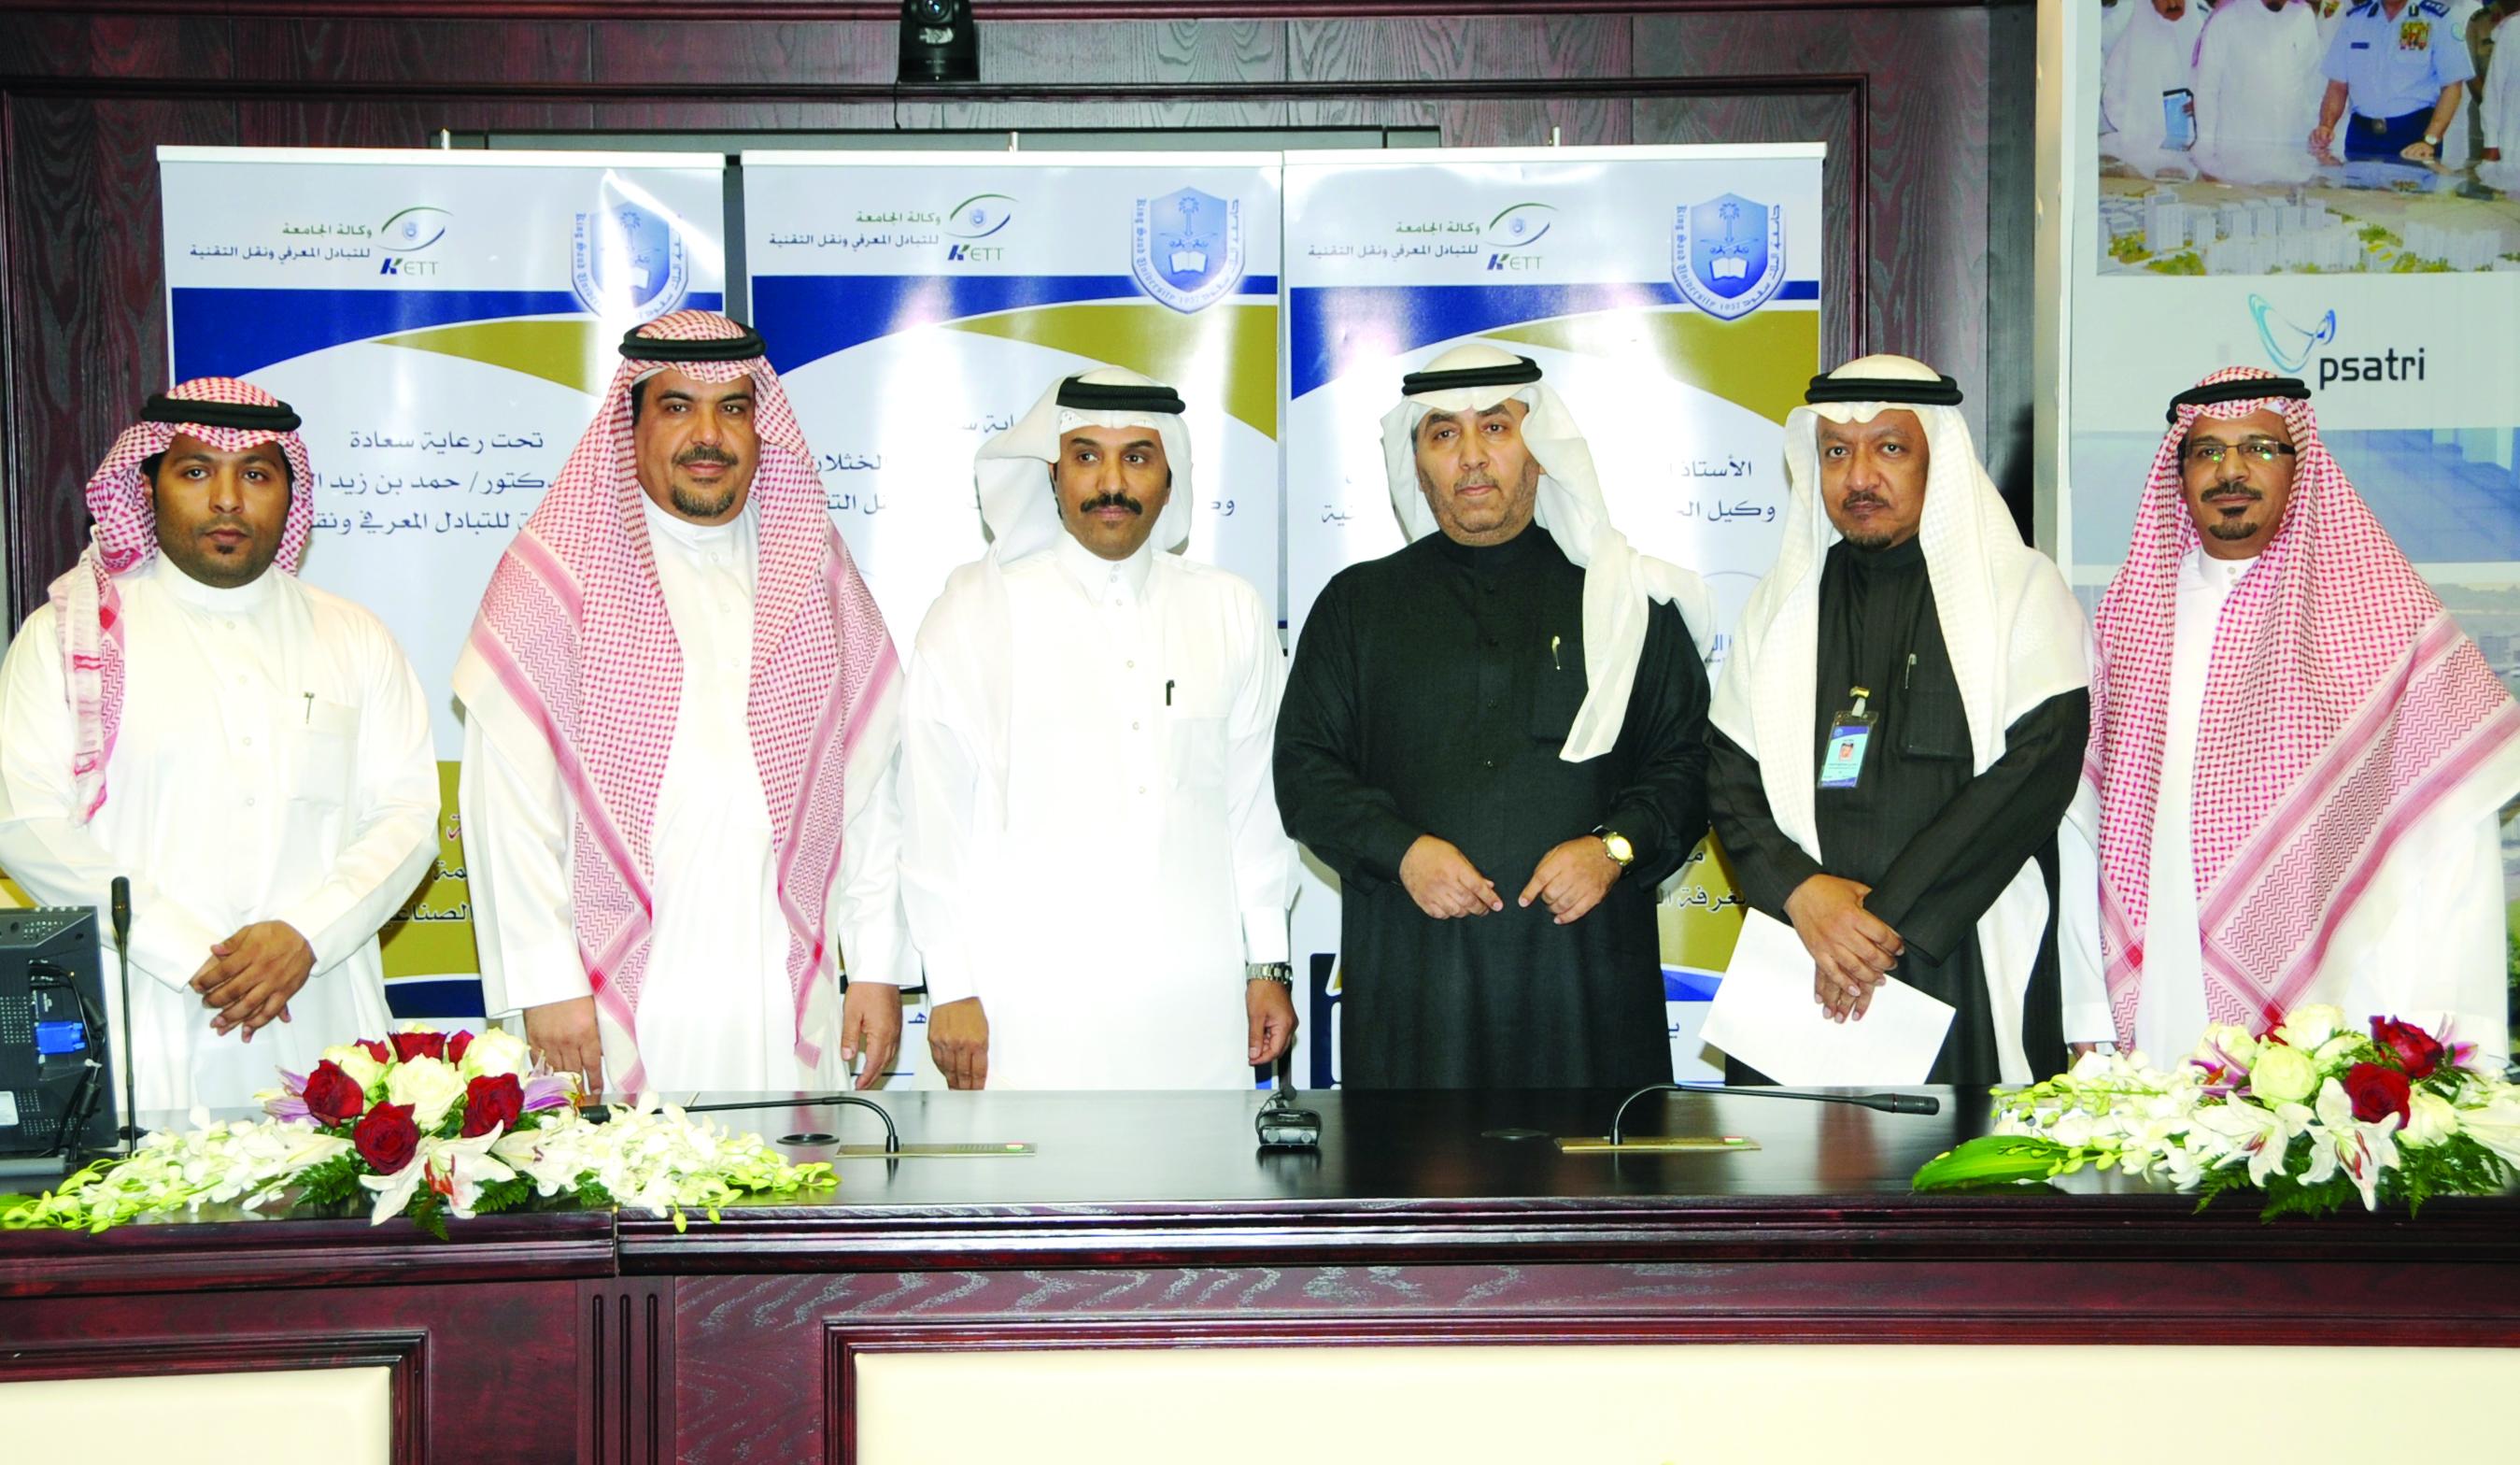 توقيع اتفاقية تعاون بين مركز الترجمة بالجامعة والغرفة التجارية بالرياض